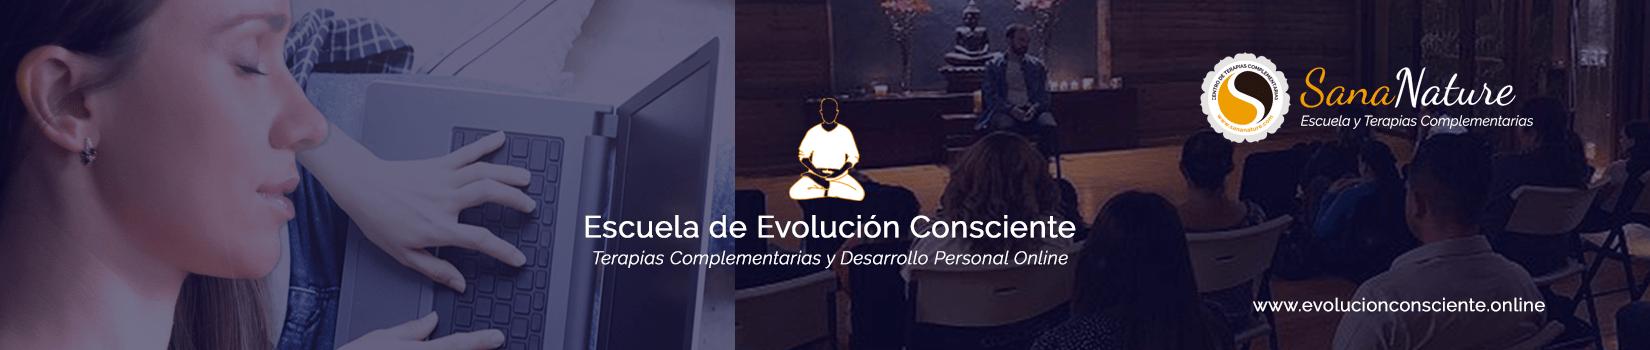 Escuela de Evolucion Consciente Online